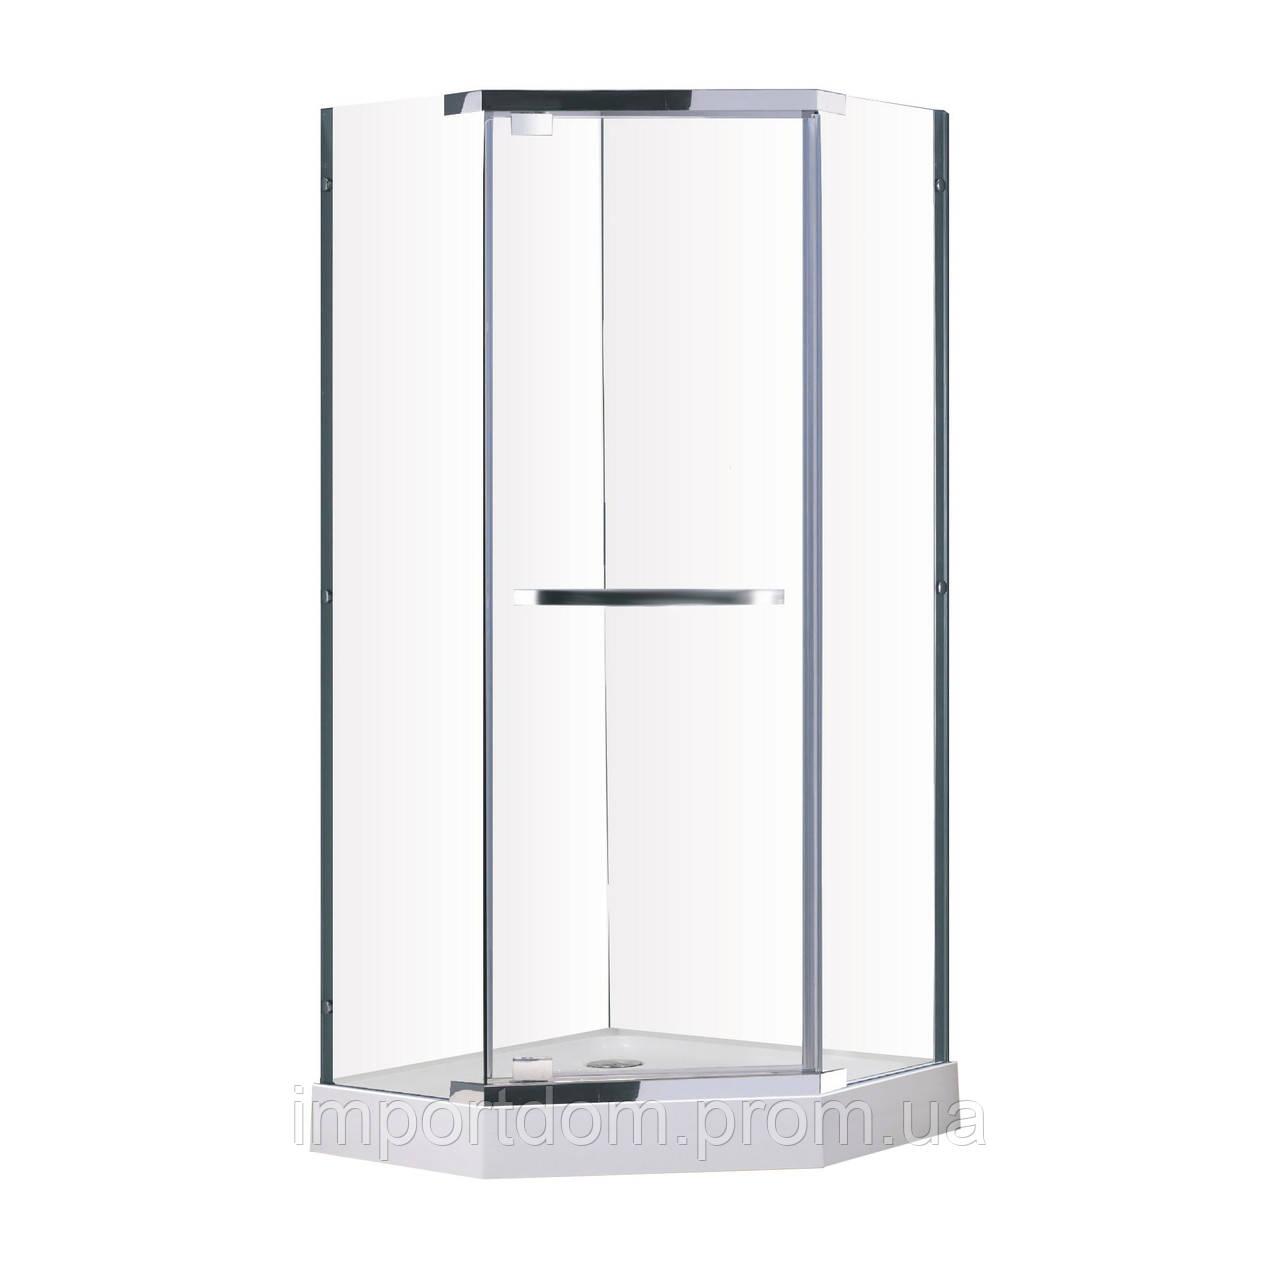 Talány душ кабина90*90*190 см (стекла+двери) хром, стекло прозрачное 10 мм ВЫПИСЫВАТЬ с набором 599-555/3